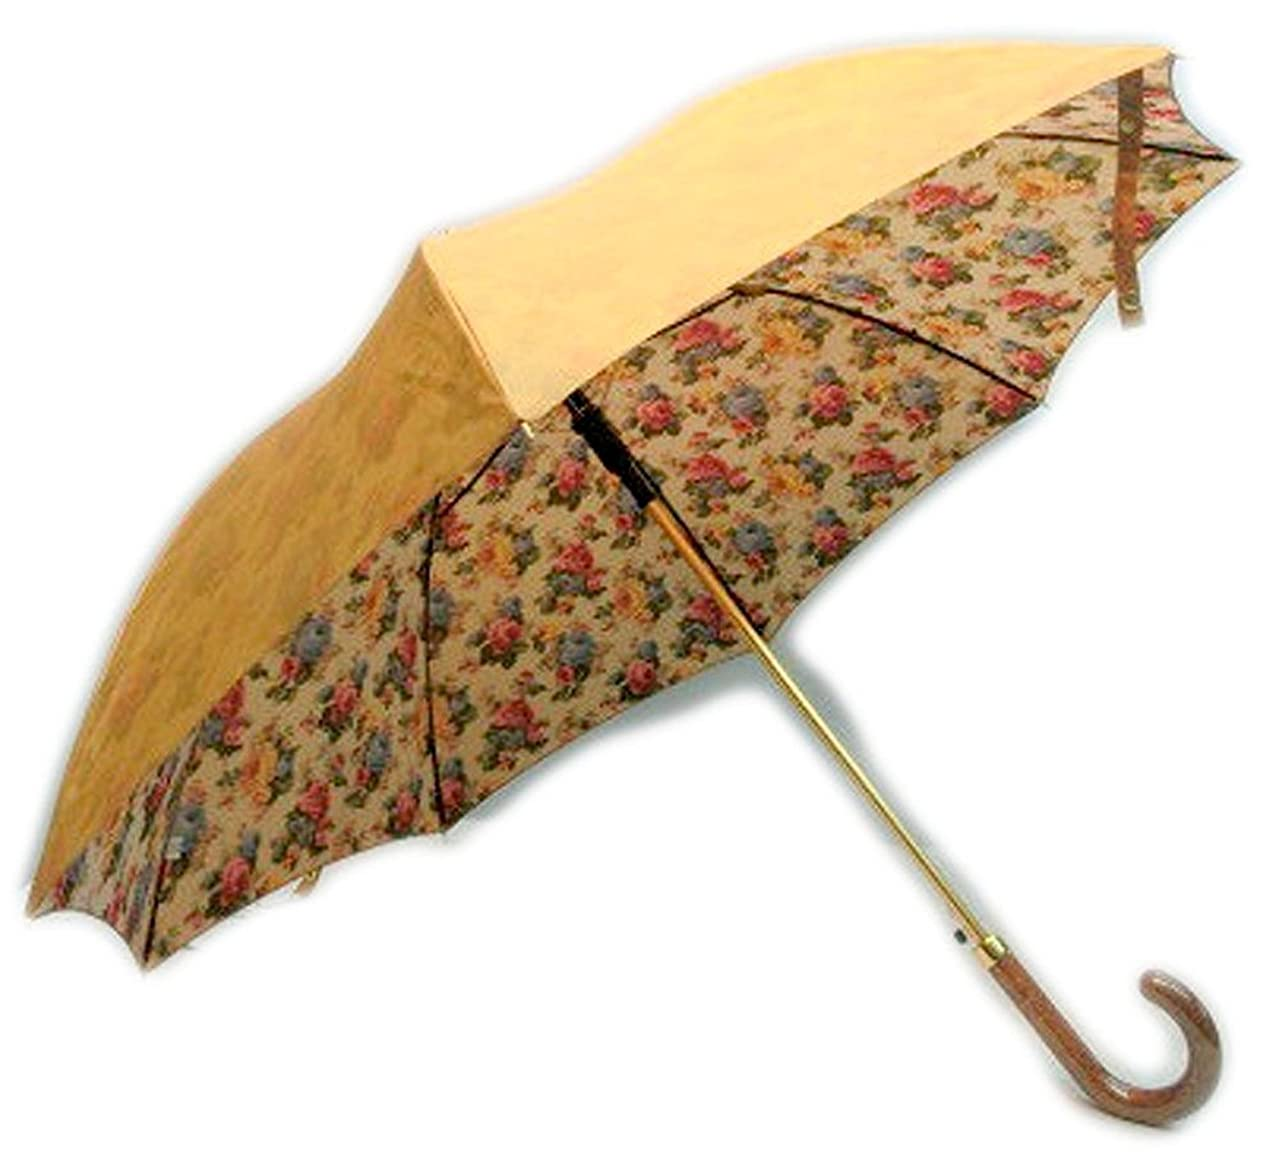 拡大する石膏尊敬する日本製 高級傘 上品な 両面シャンタン生地 裏ホグシプリント 転写プリント 軽量金骨 60cm ジャンプ傘 ベージュ 婦人傘